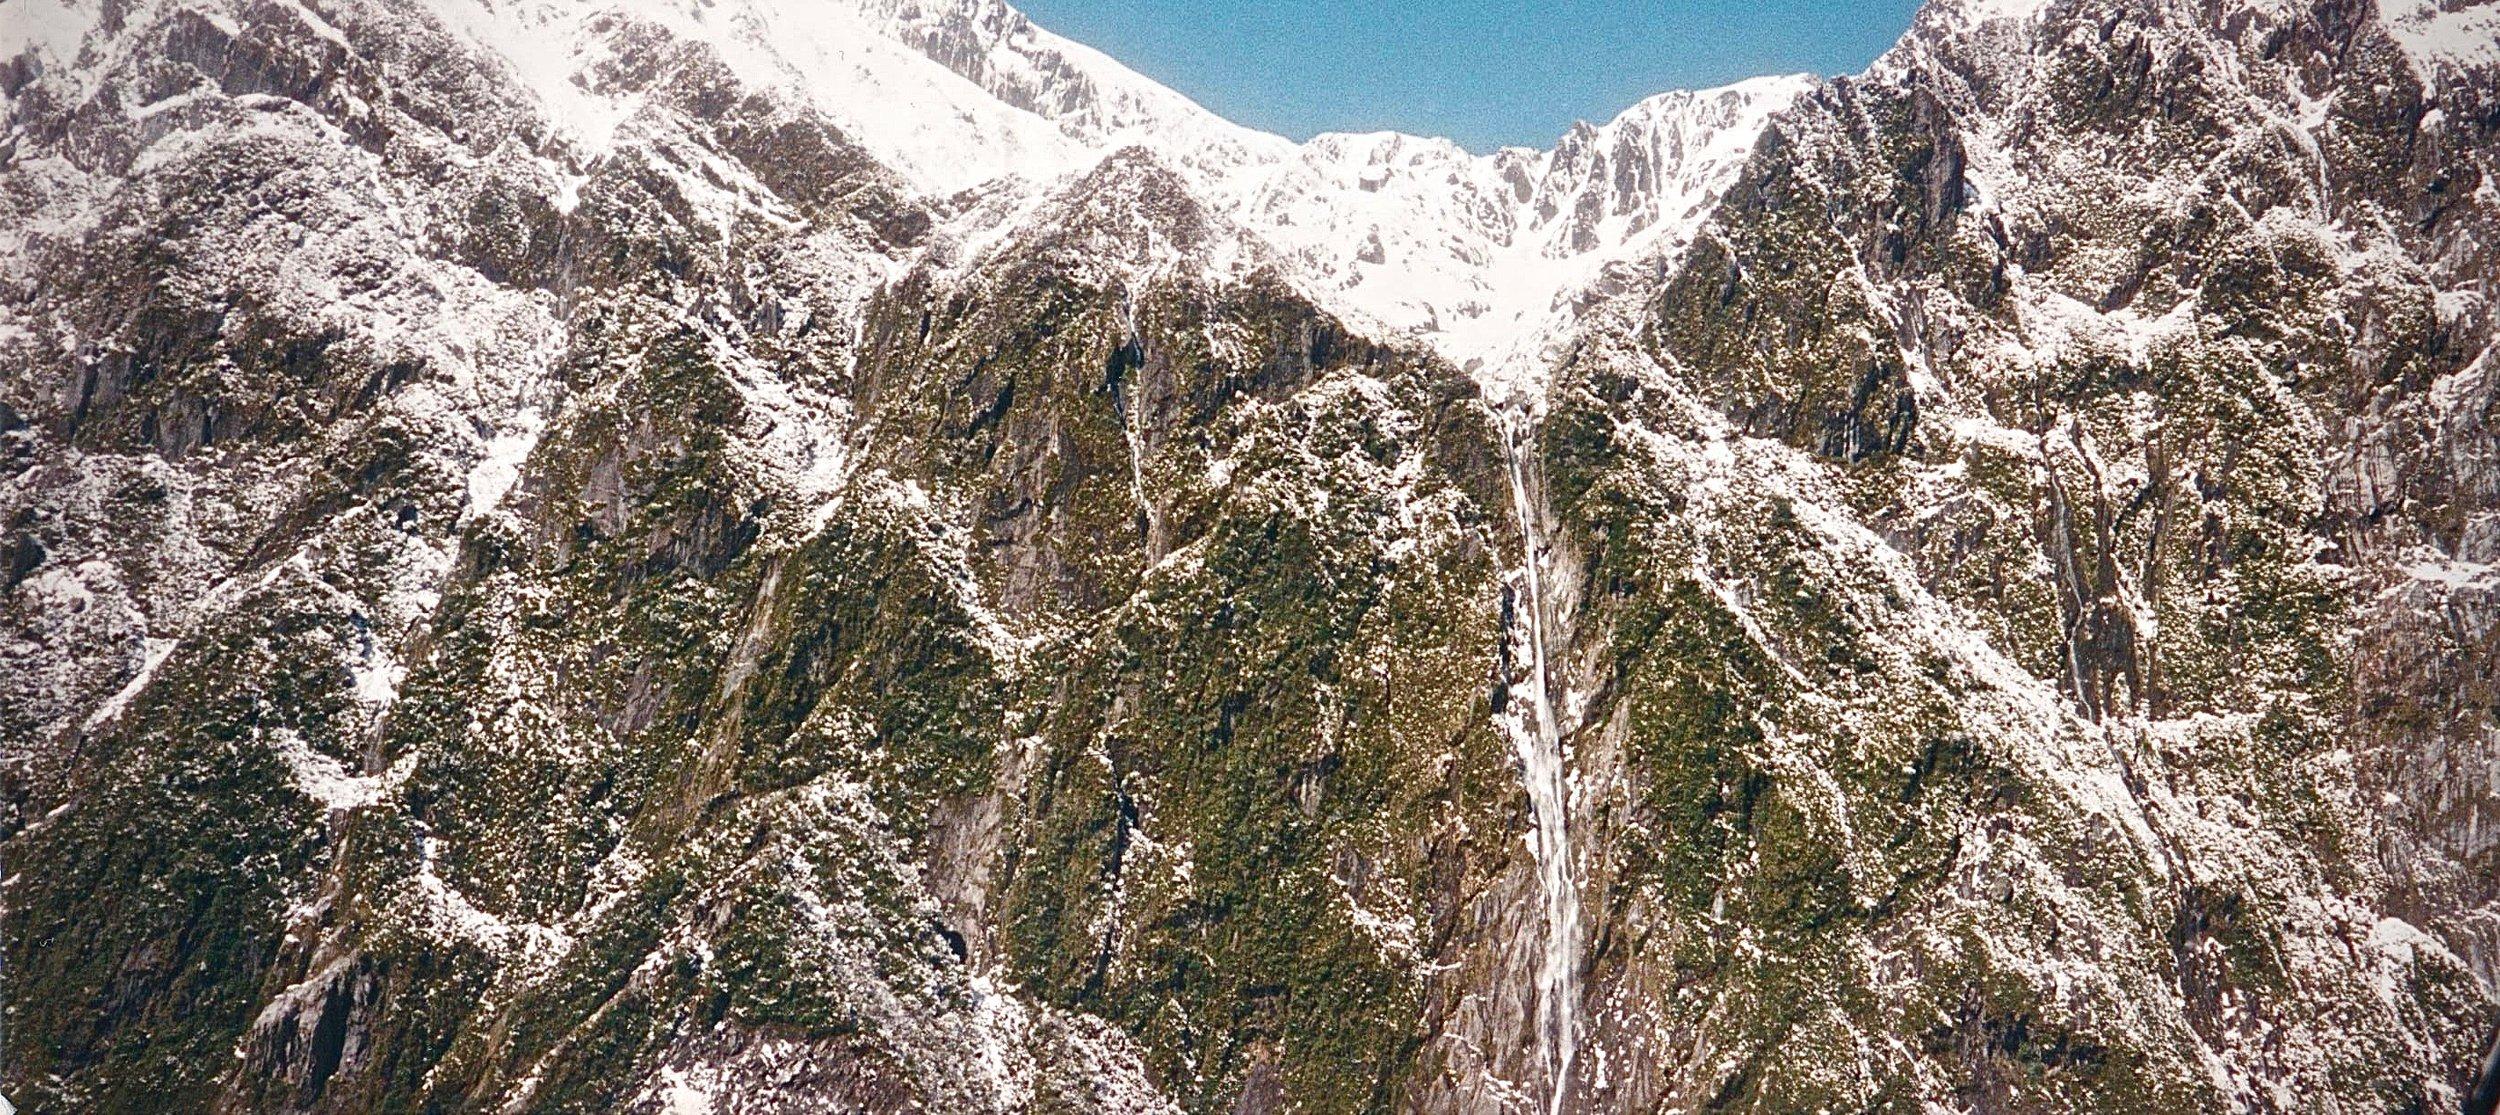 NZ glacier mtn face.jpg